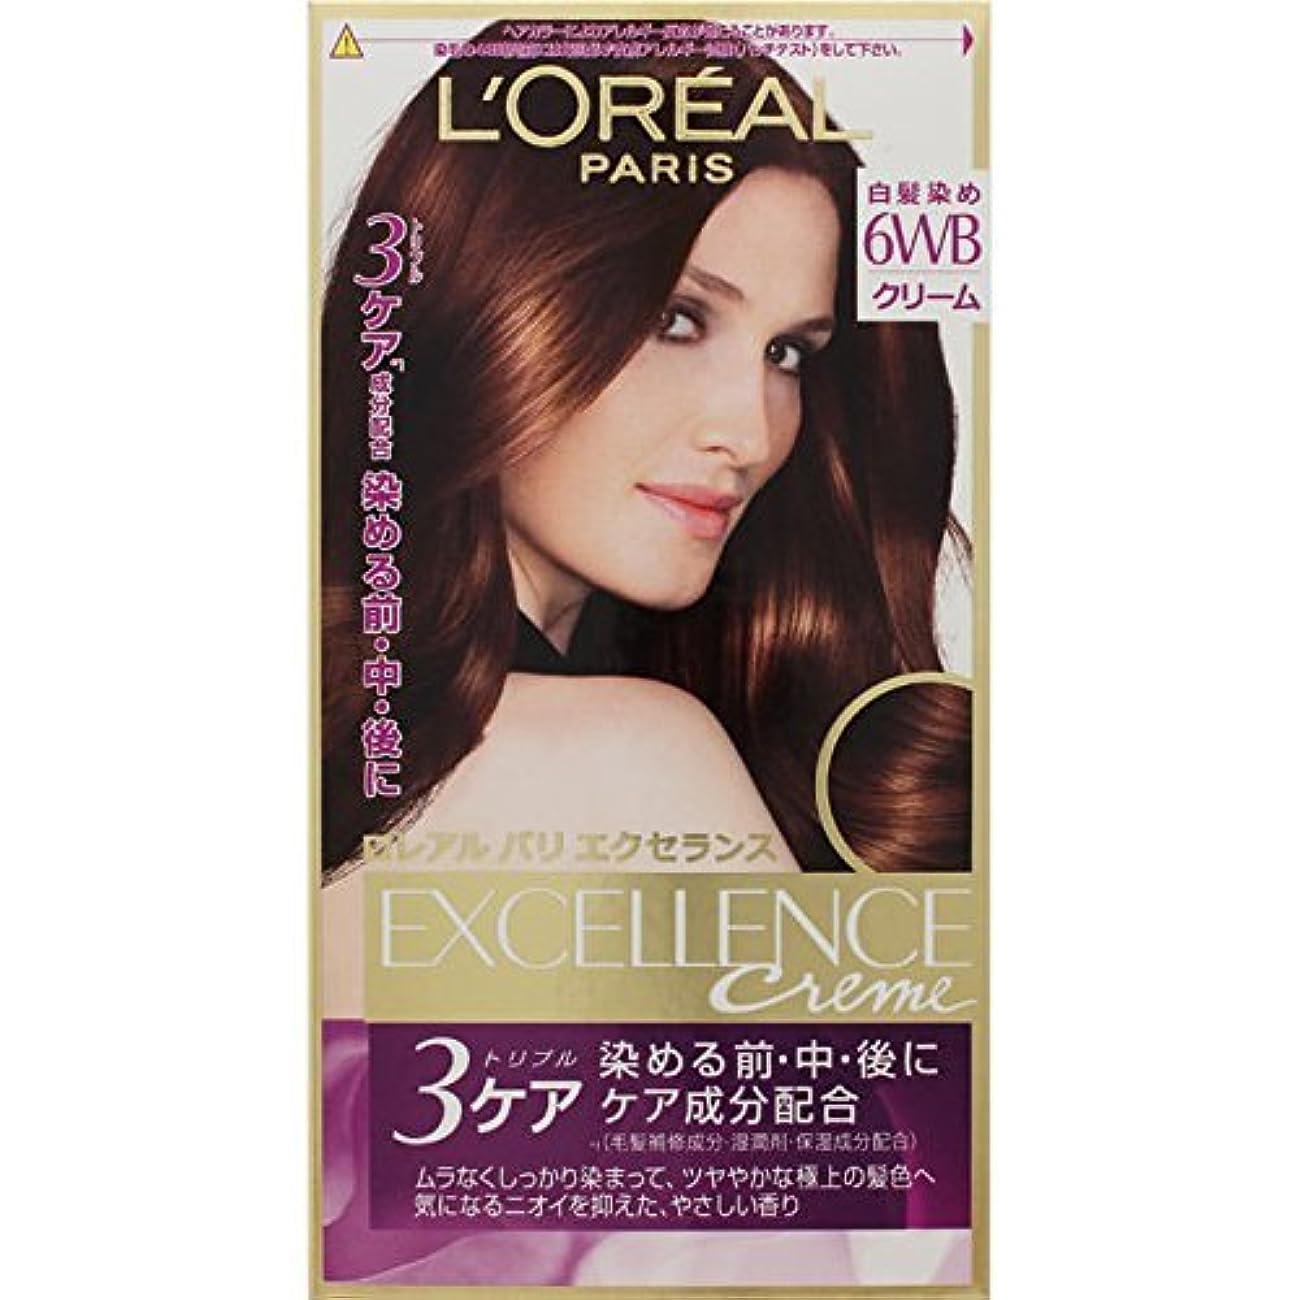 結論アクチュエータ単にロレアル パリ ヘアカラー 白髪染め エクセランス N クリームタイプ 6WB ウォーム系のやや明るい栗色